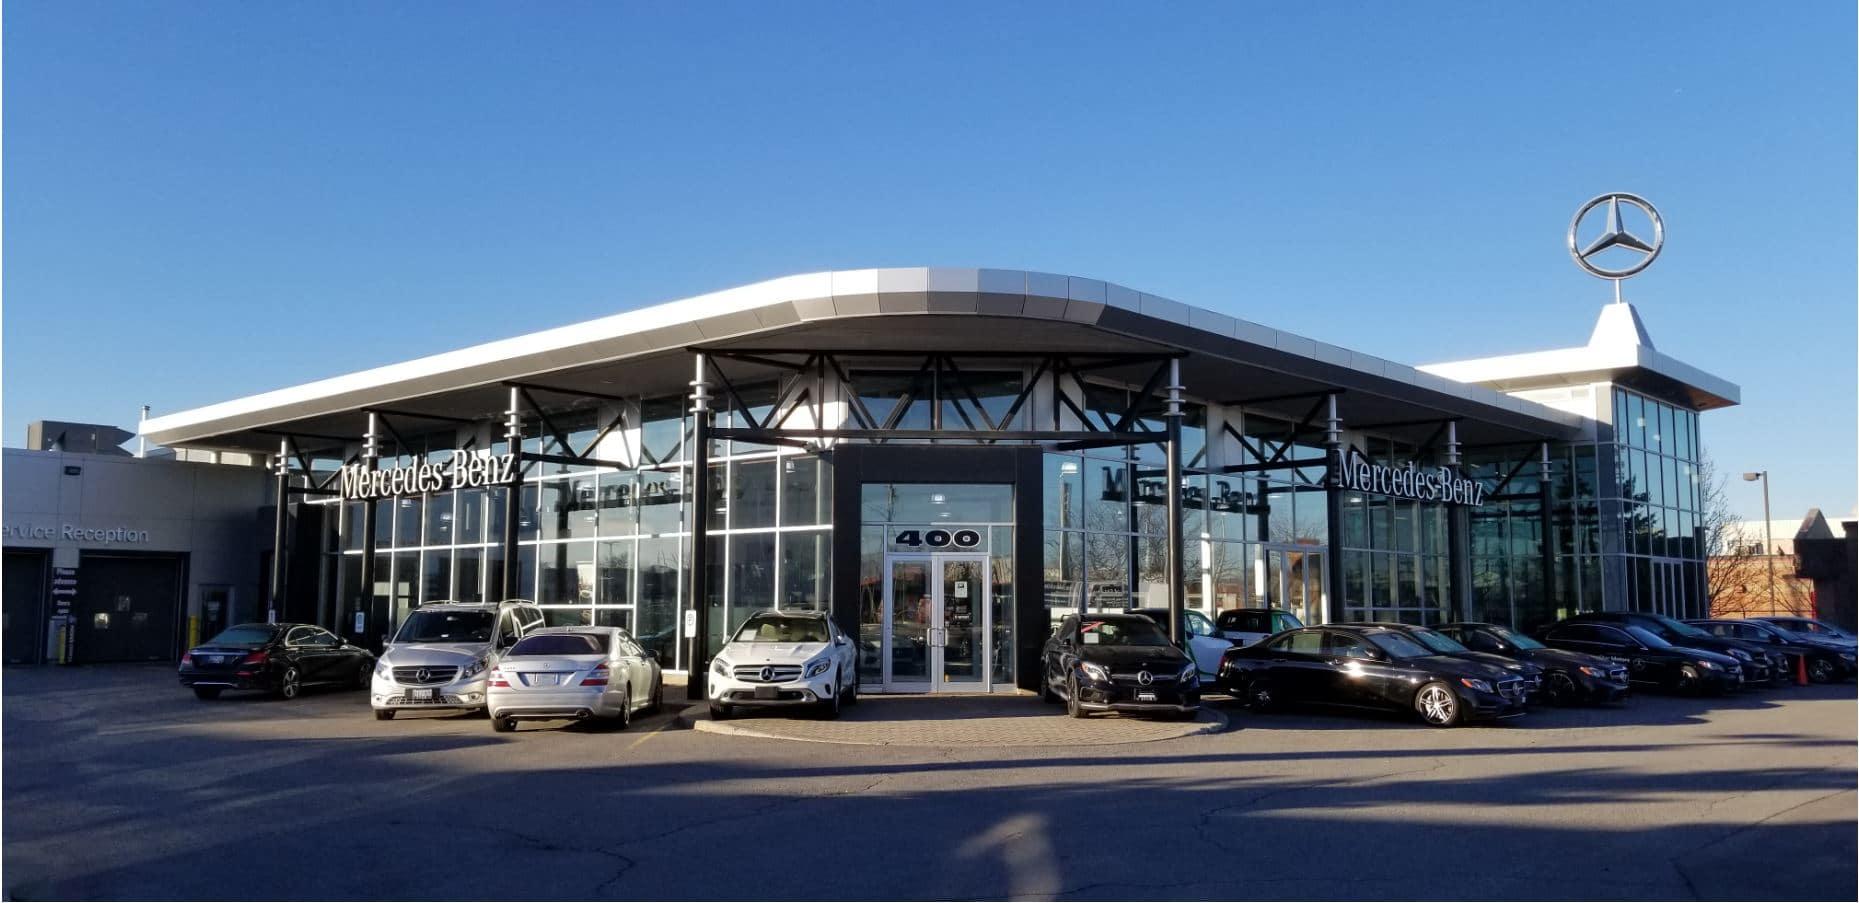 Mercedes-Benz dealerships